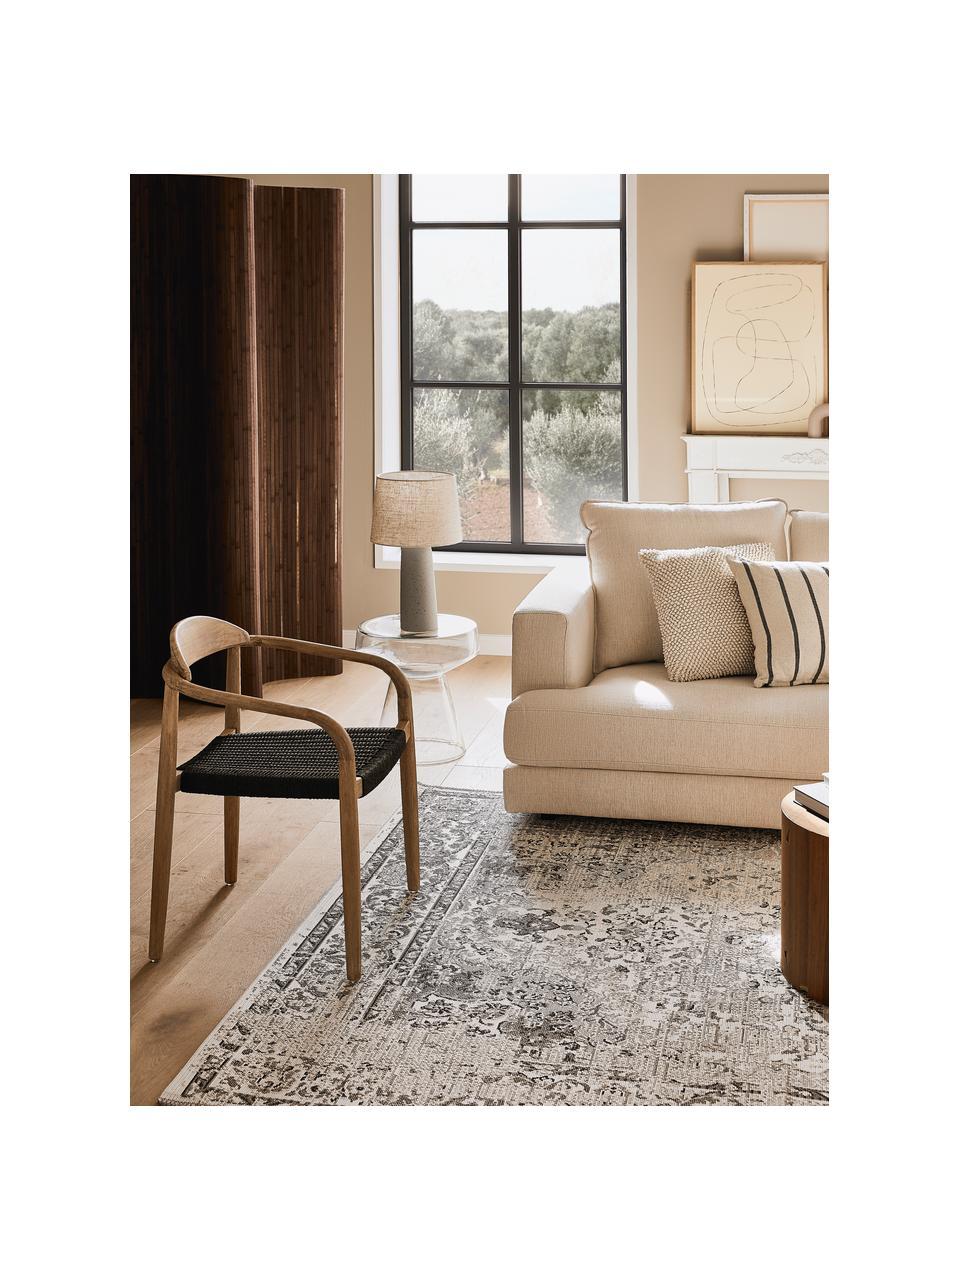 Tappeto vintage da interno-esterno Cenon, 100% polipropilene, Crema, grigio, Larg. 190 x Lung. 290 cm (taglia L)